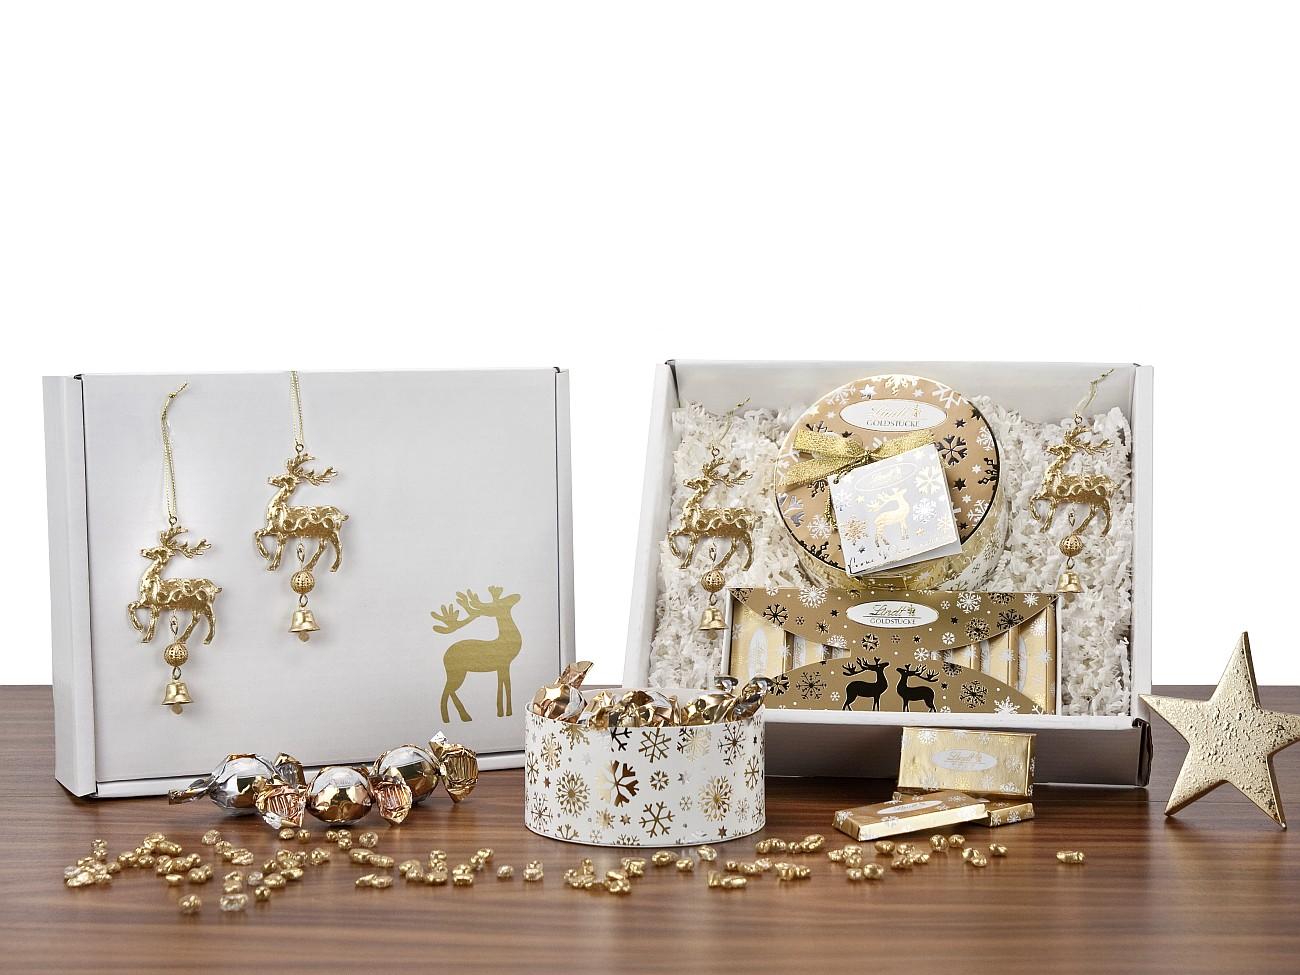 goldst cke lindt werbegeschenk zu weihnachten presit. Black Bedroom Furniture Sets. Home Design Ideas